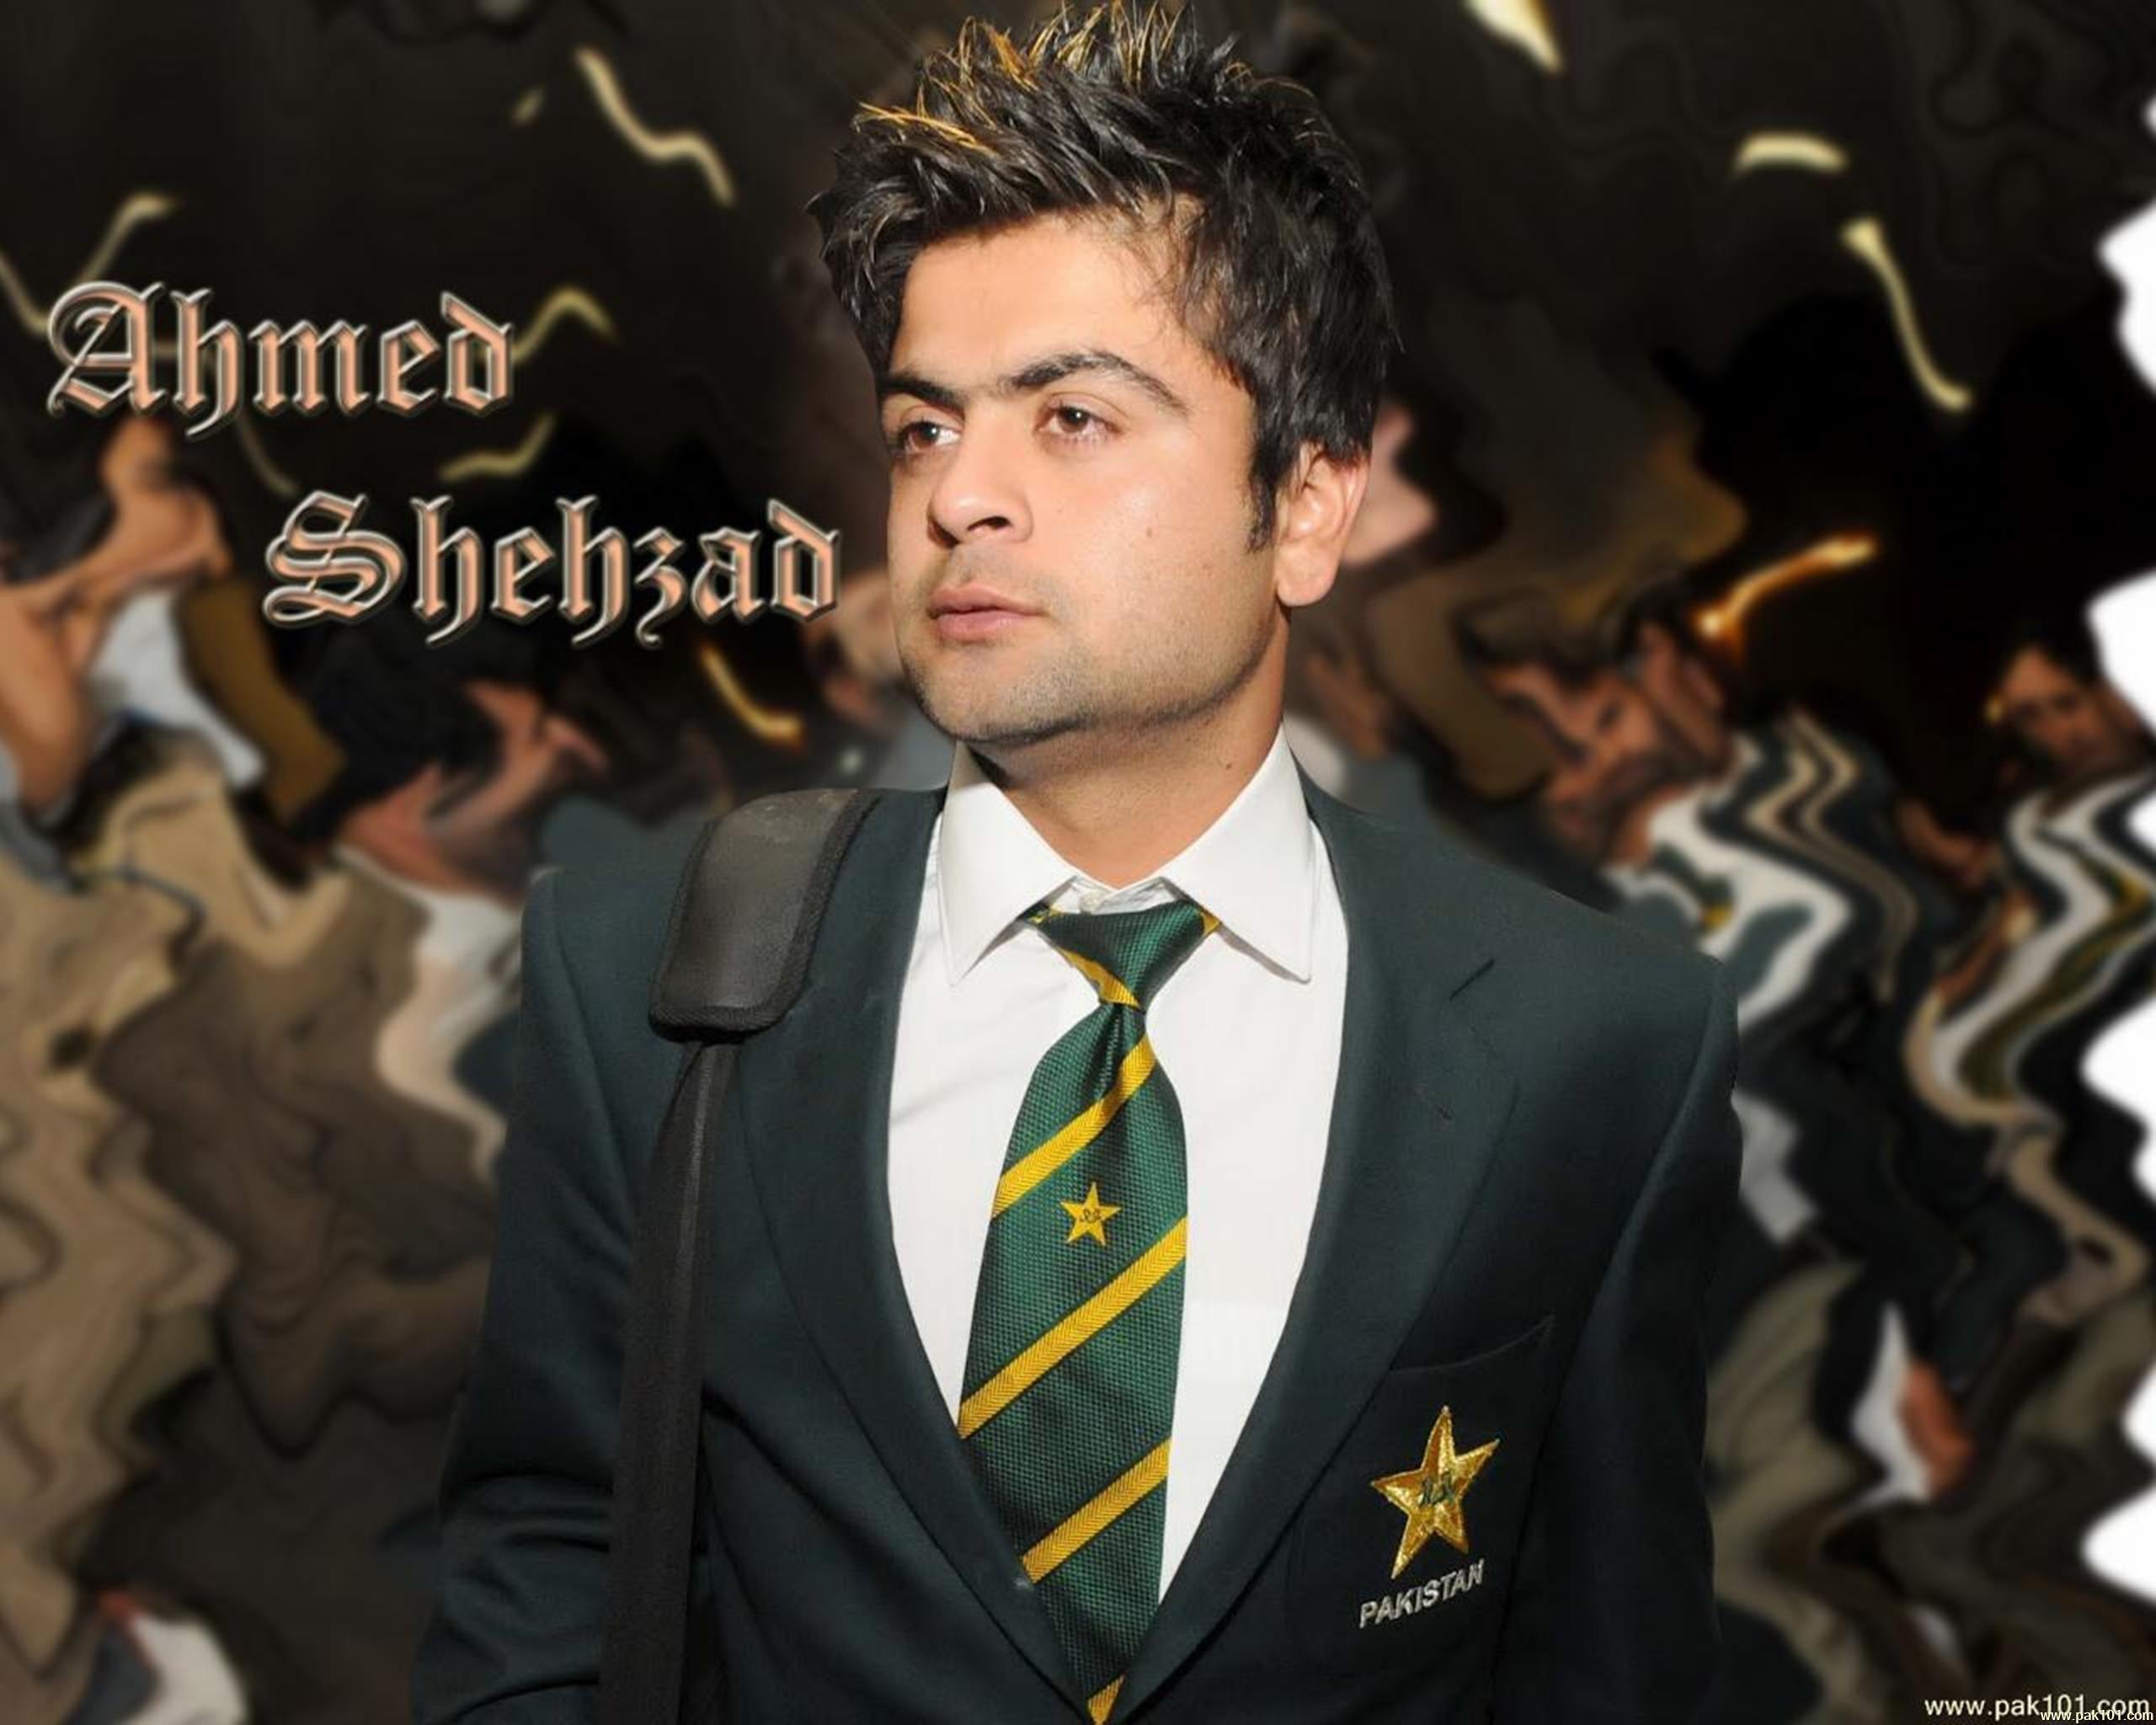 ahmed shehzad pics - google search   ahmed shehzad   pinterest